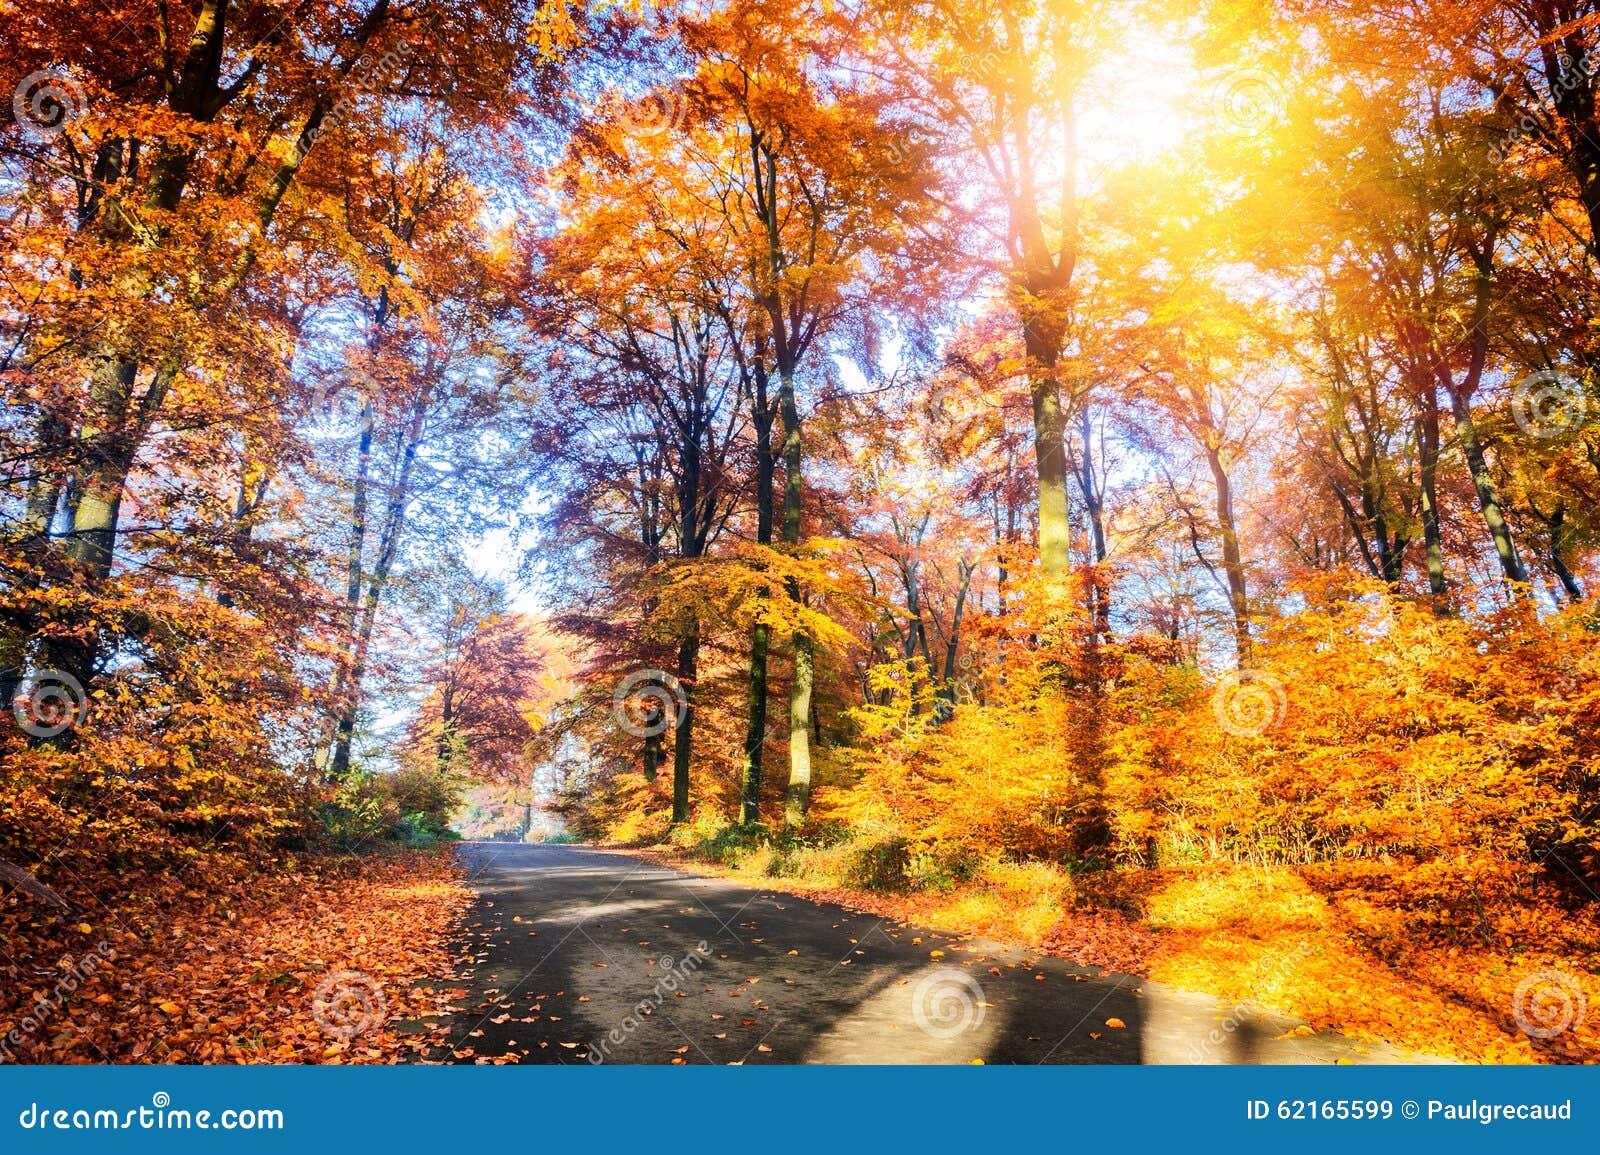 paysage d 39 automne avec la route de campagne image stock image du fond stationnement 62165599. Black Bedroom Furniture Sets. Home Design Ideas